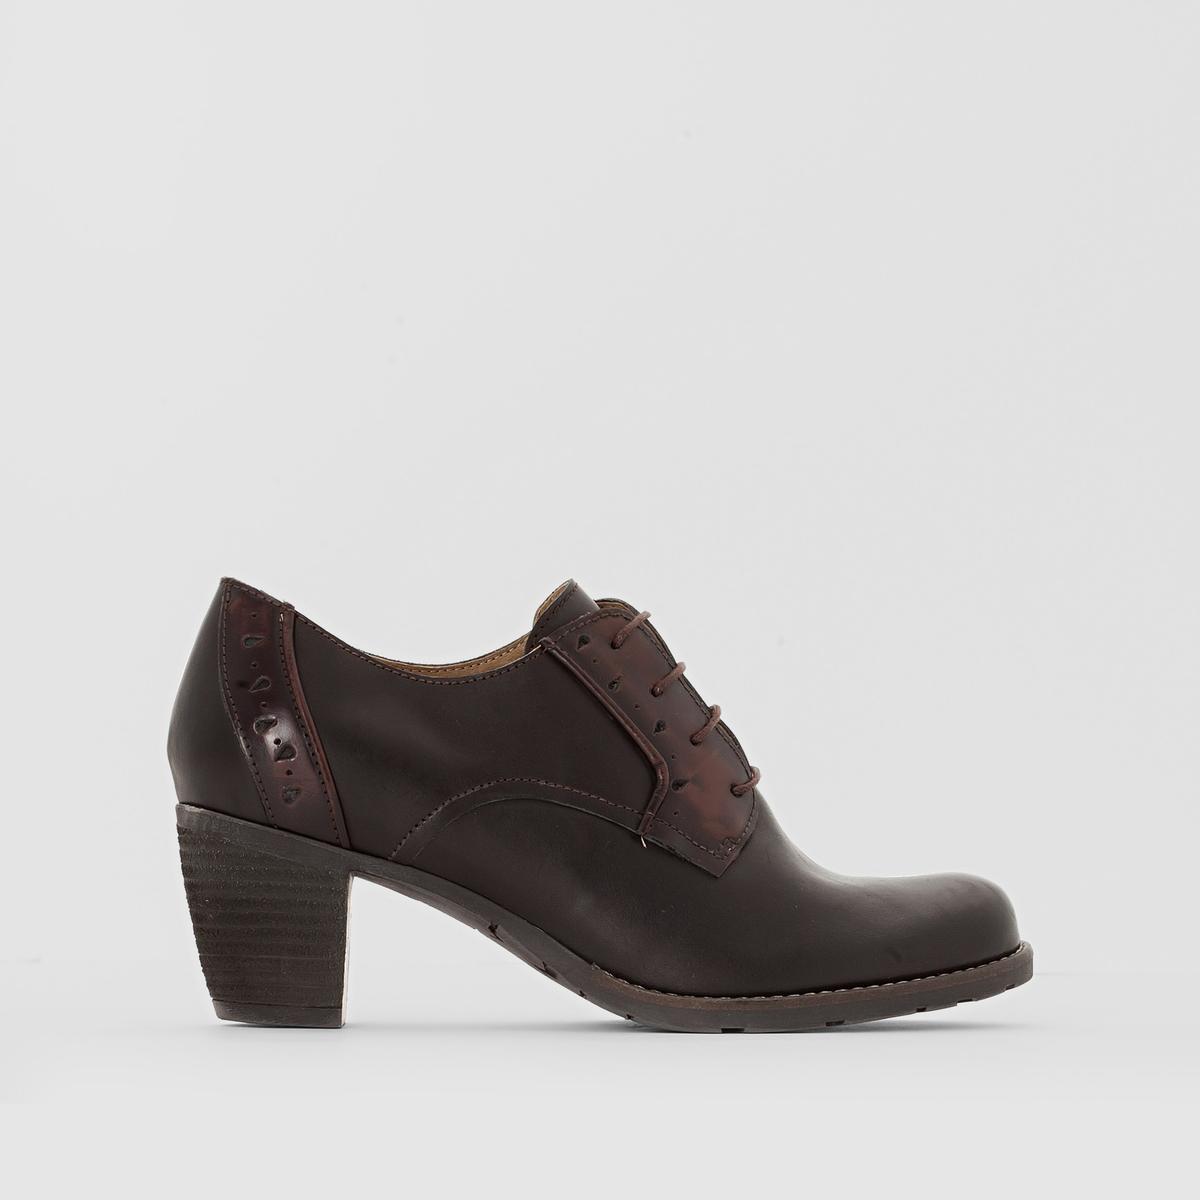 Ботинки-дерби кожаные на каблуке CeciliaВерх/ Голенище: Яловичная кожа    Подкладка: Кожа   Стелька:  Кожа   Подошва: каучук.   Высота каблука: Средний (4 - 6 см)   Застежка: шнуровка.<br><br>Цвет: коньячный